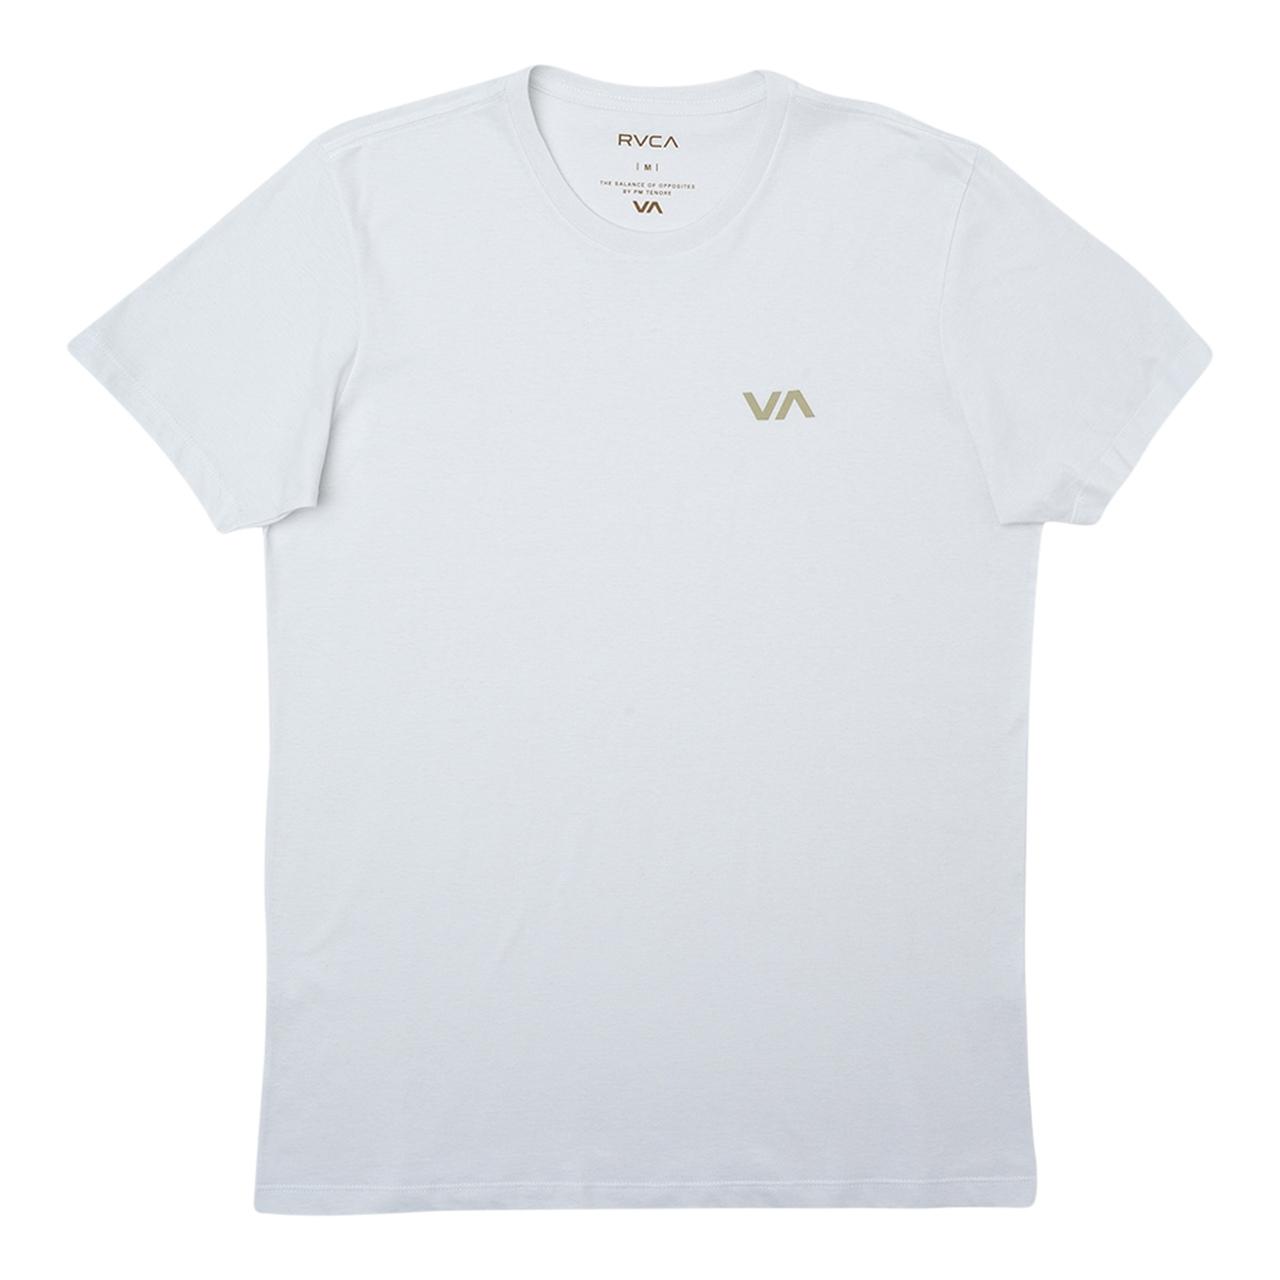 Camiseta Rvca VA Off Branca